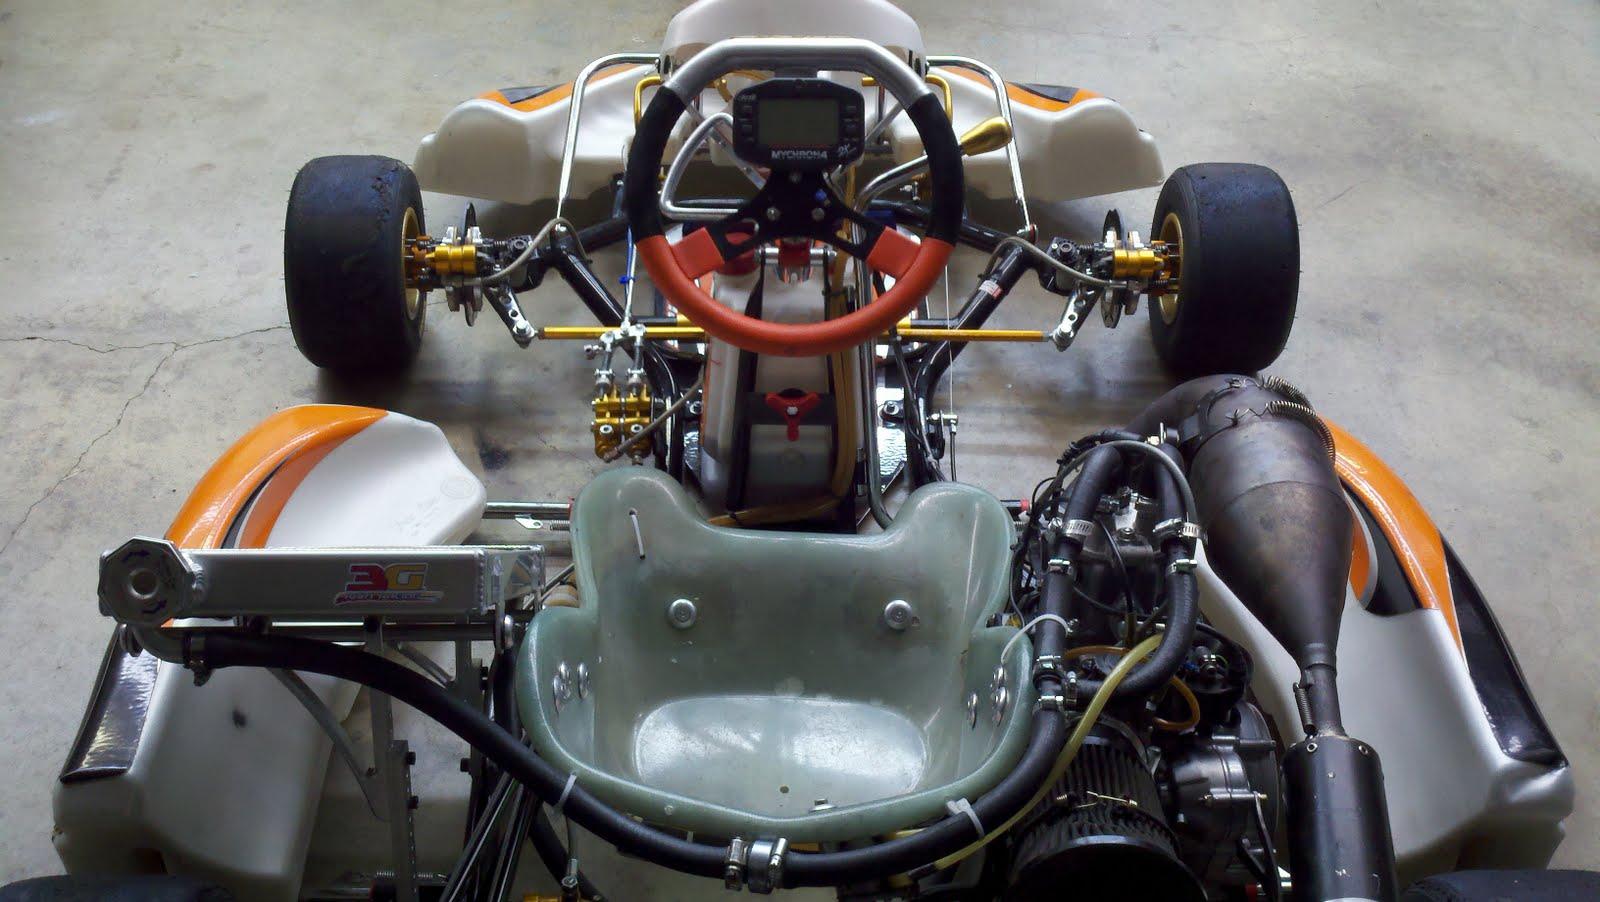 kart over oklahoma YAW MOMENT RACING: Shifter Kart Testing in Oklahoma Last Weekend kart over oklahoma